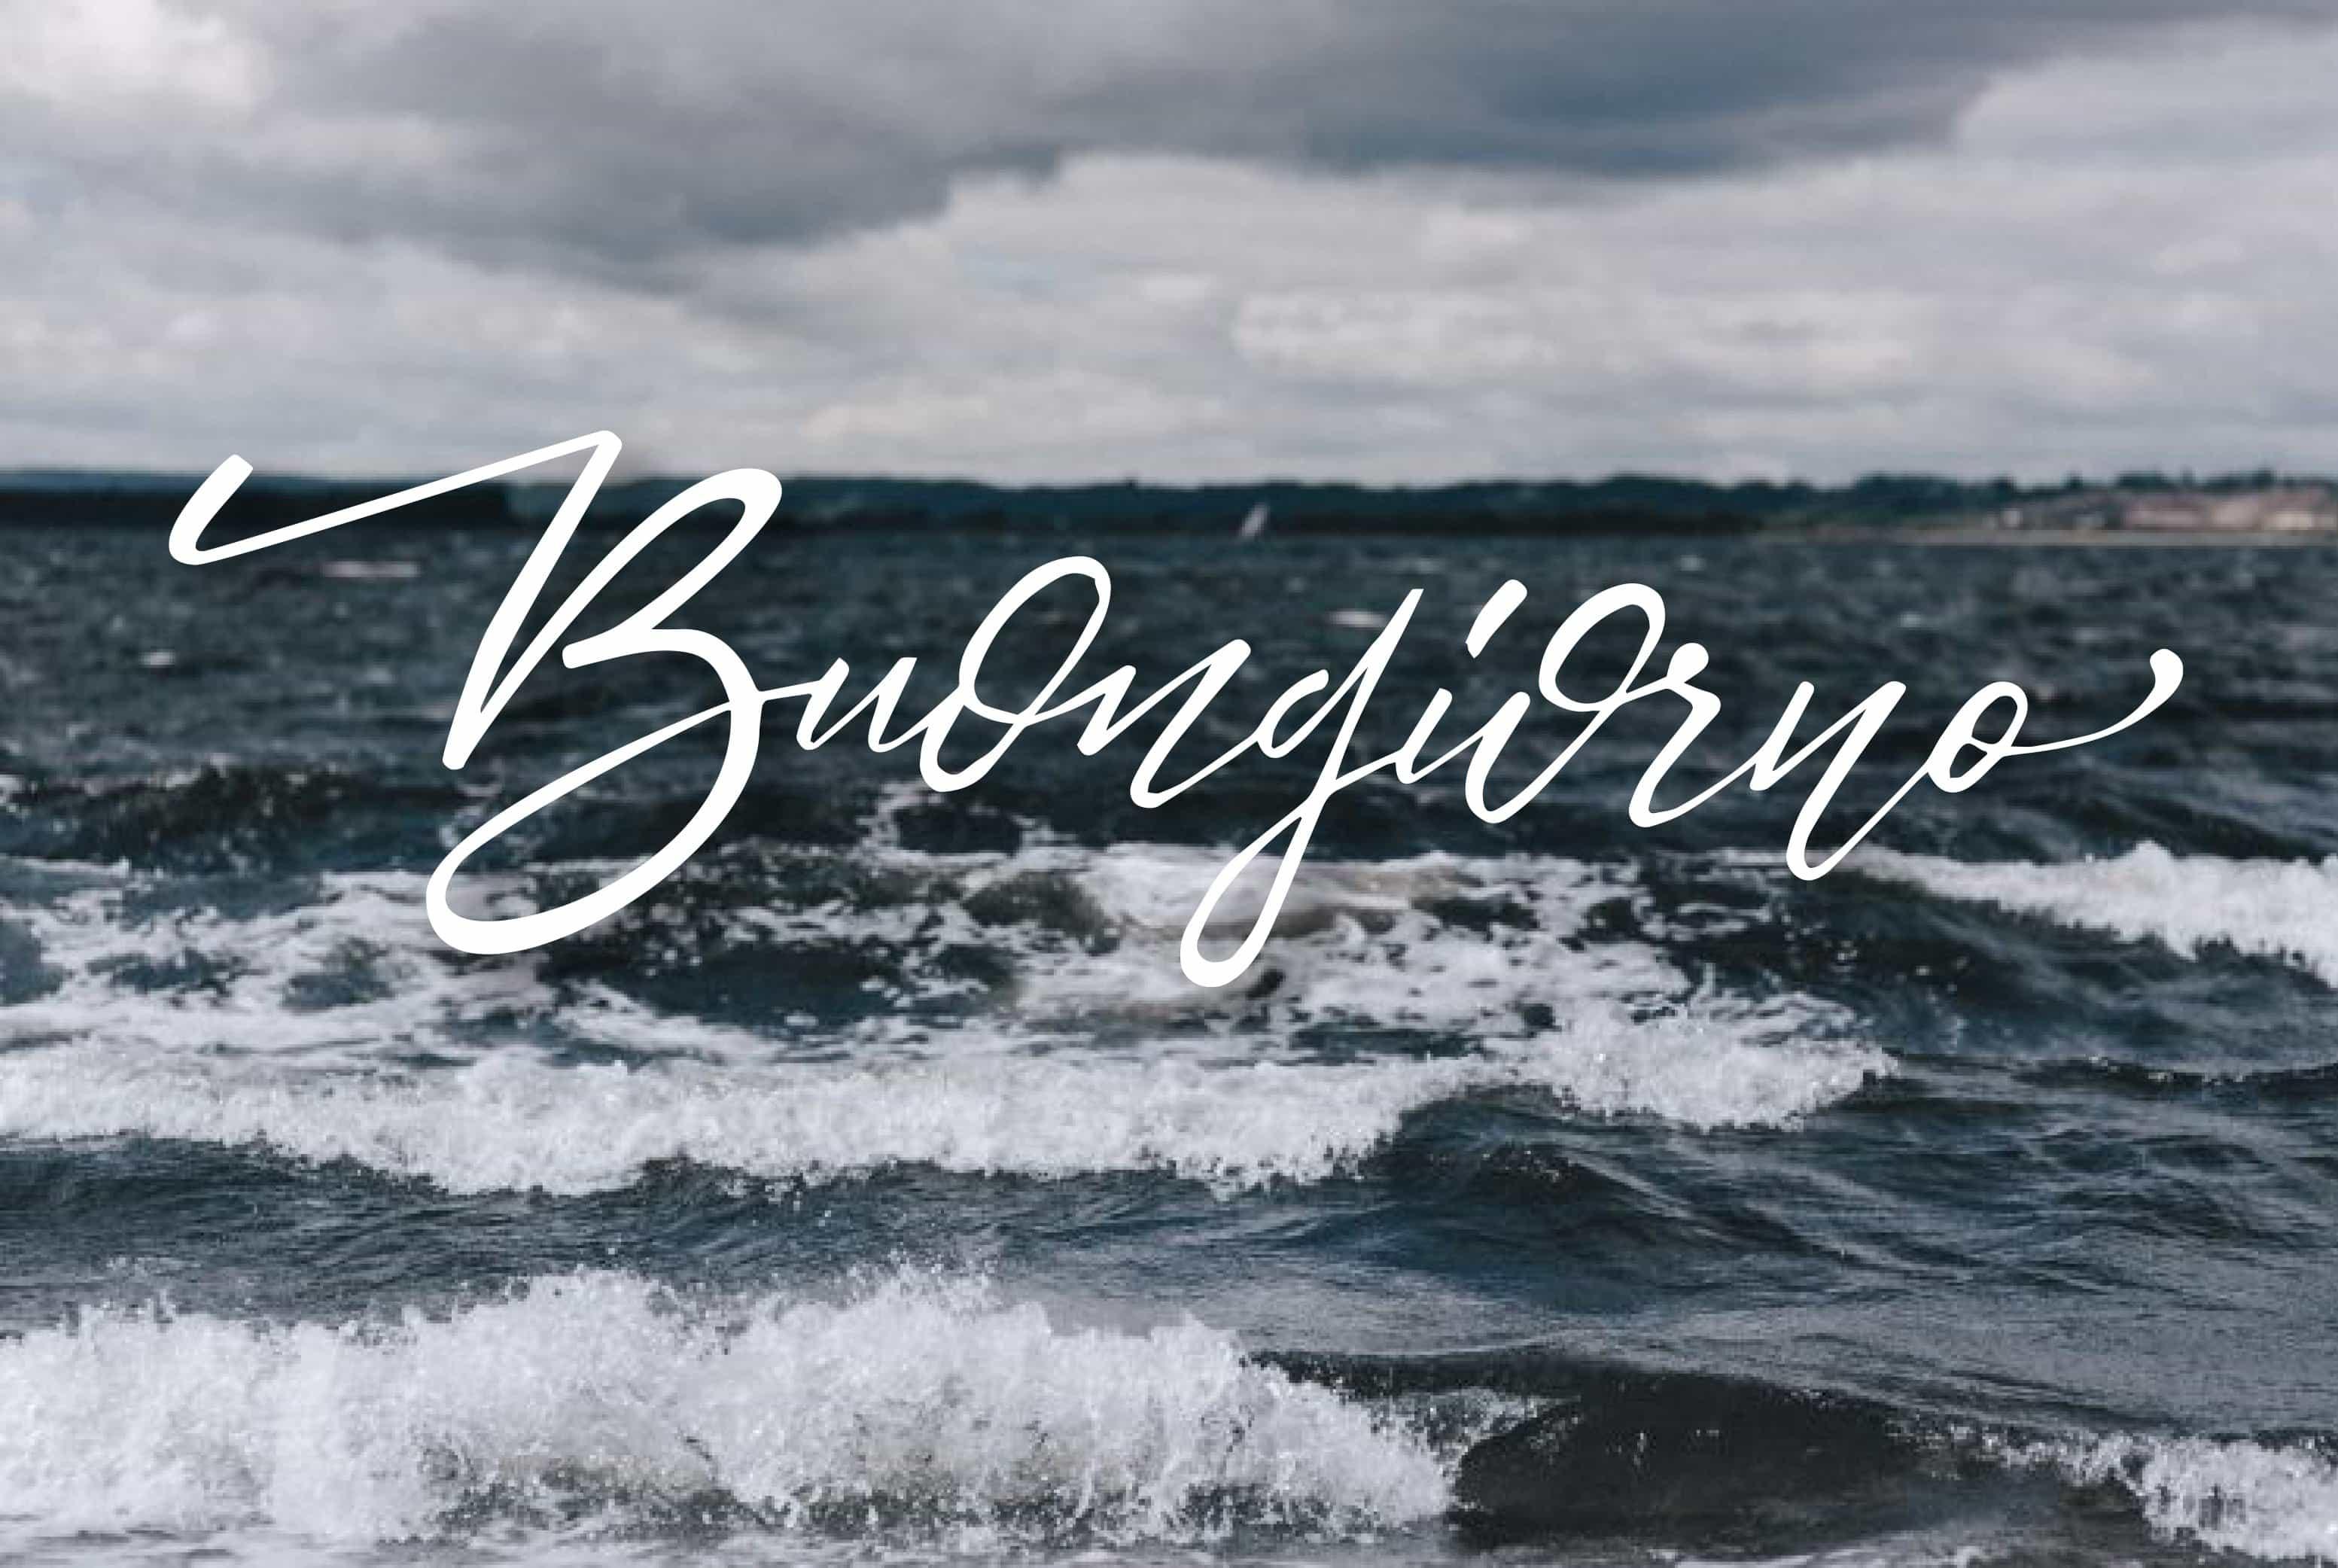 Le Immagini del buongiorno con il mare foto №4